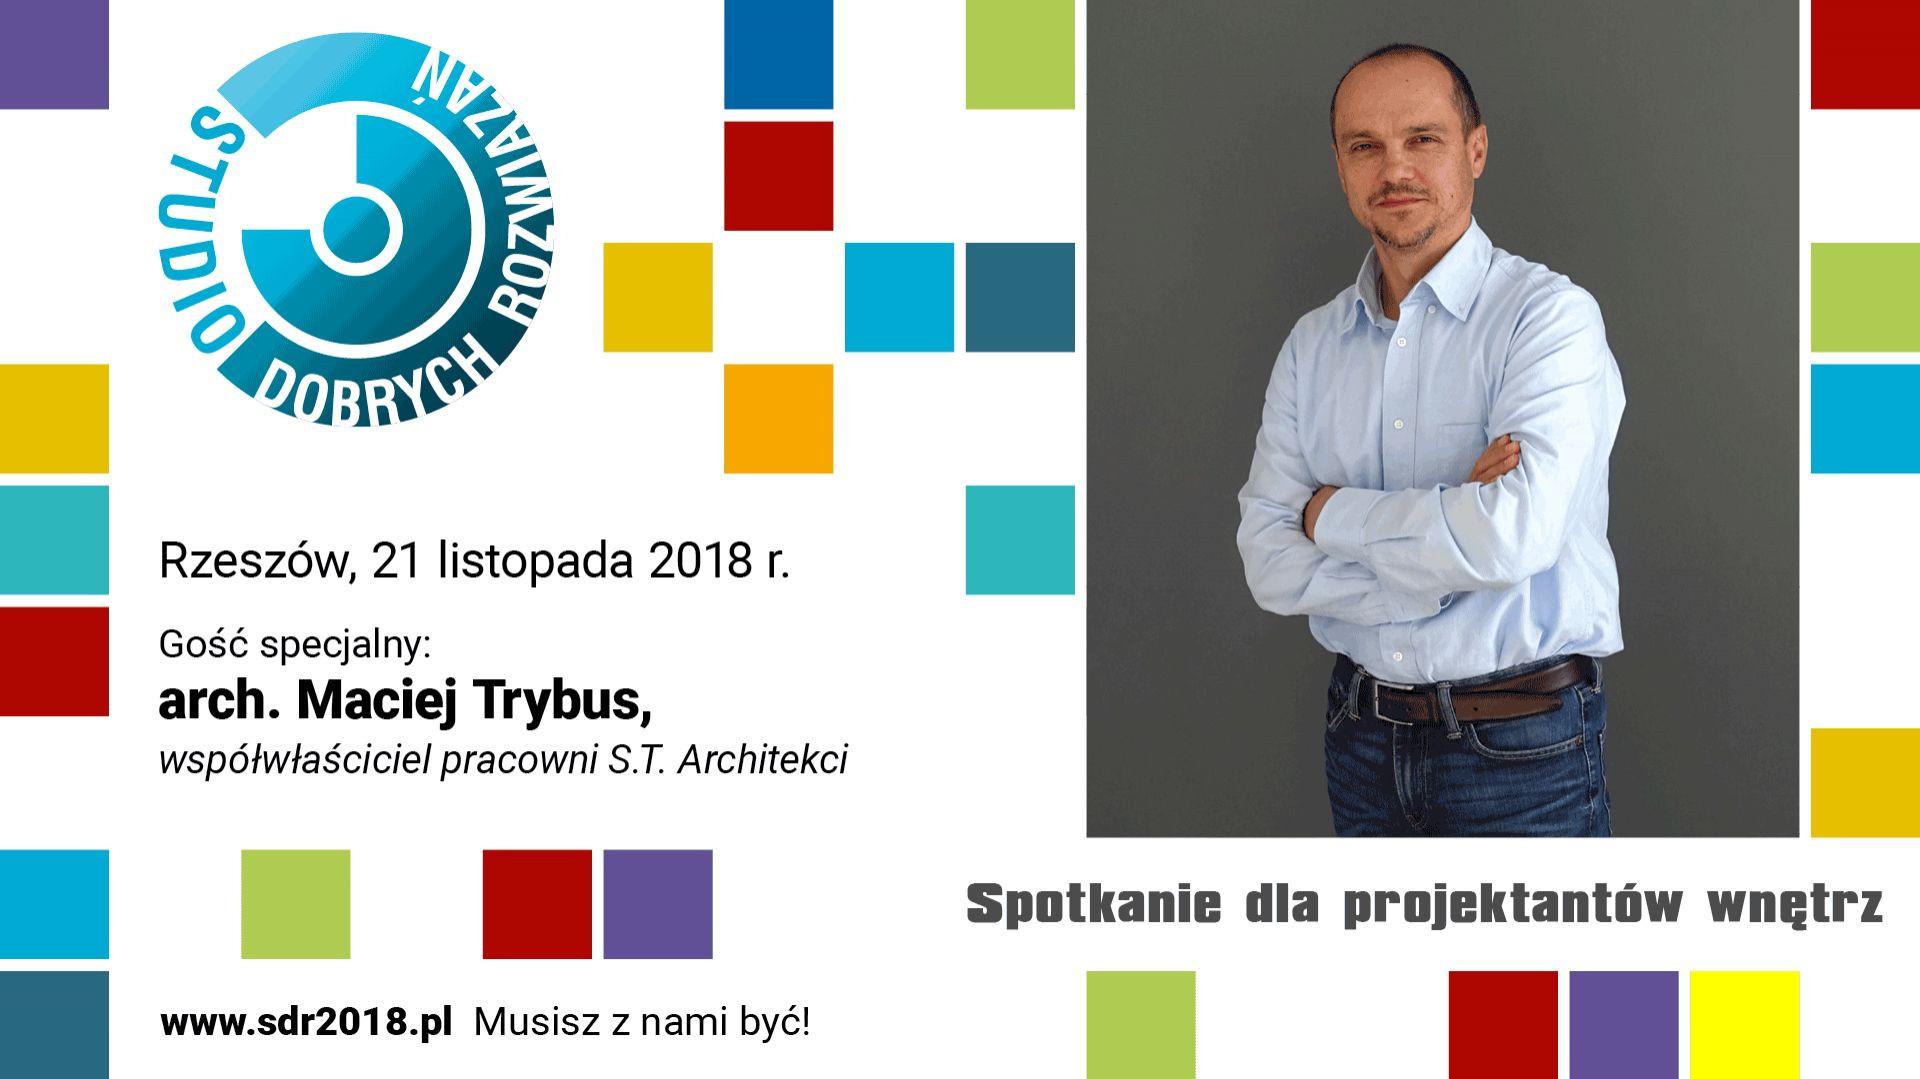 Maciej Trybus, współwłaściciel pracowni S.T. Architekci.